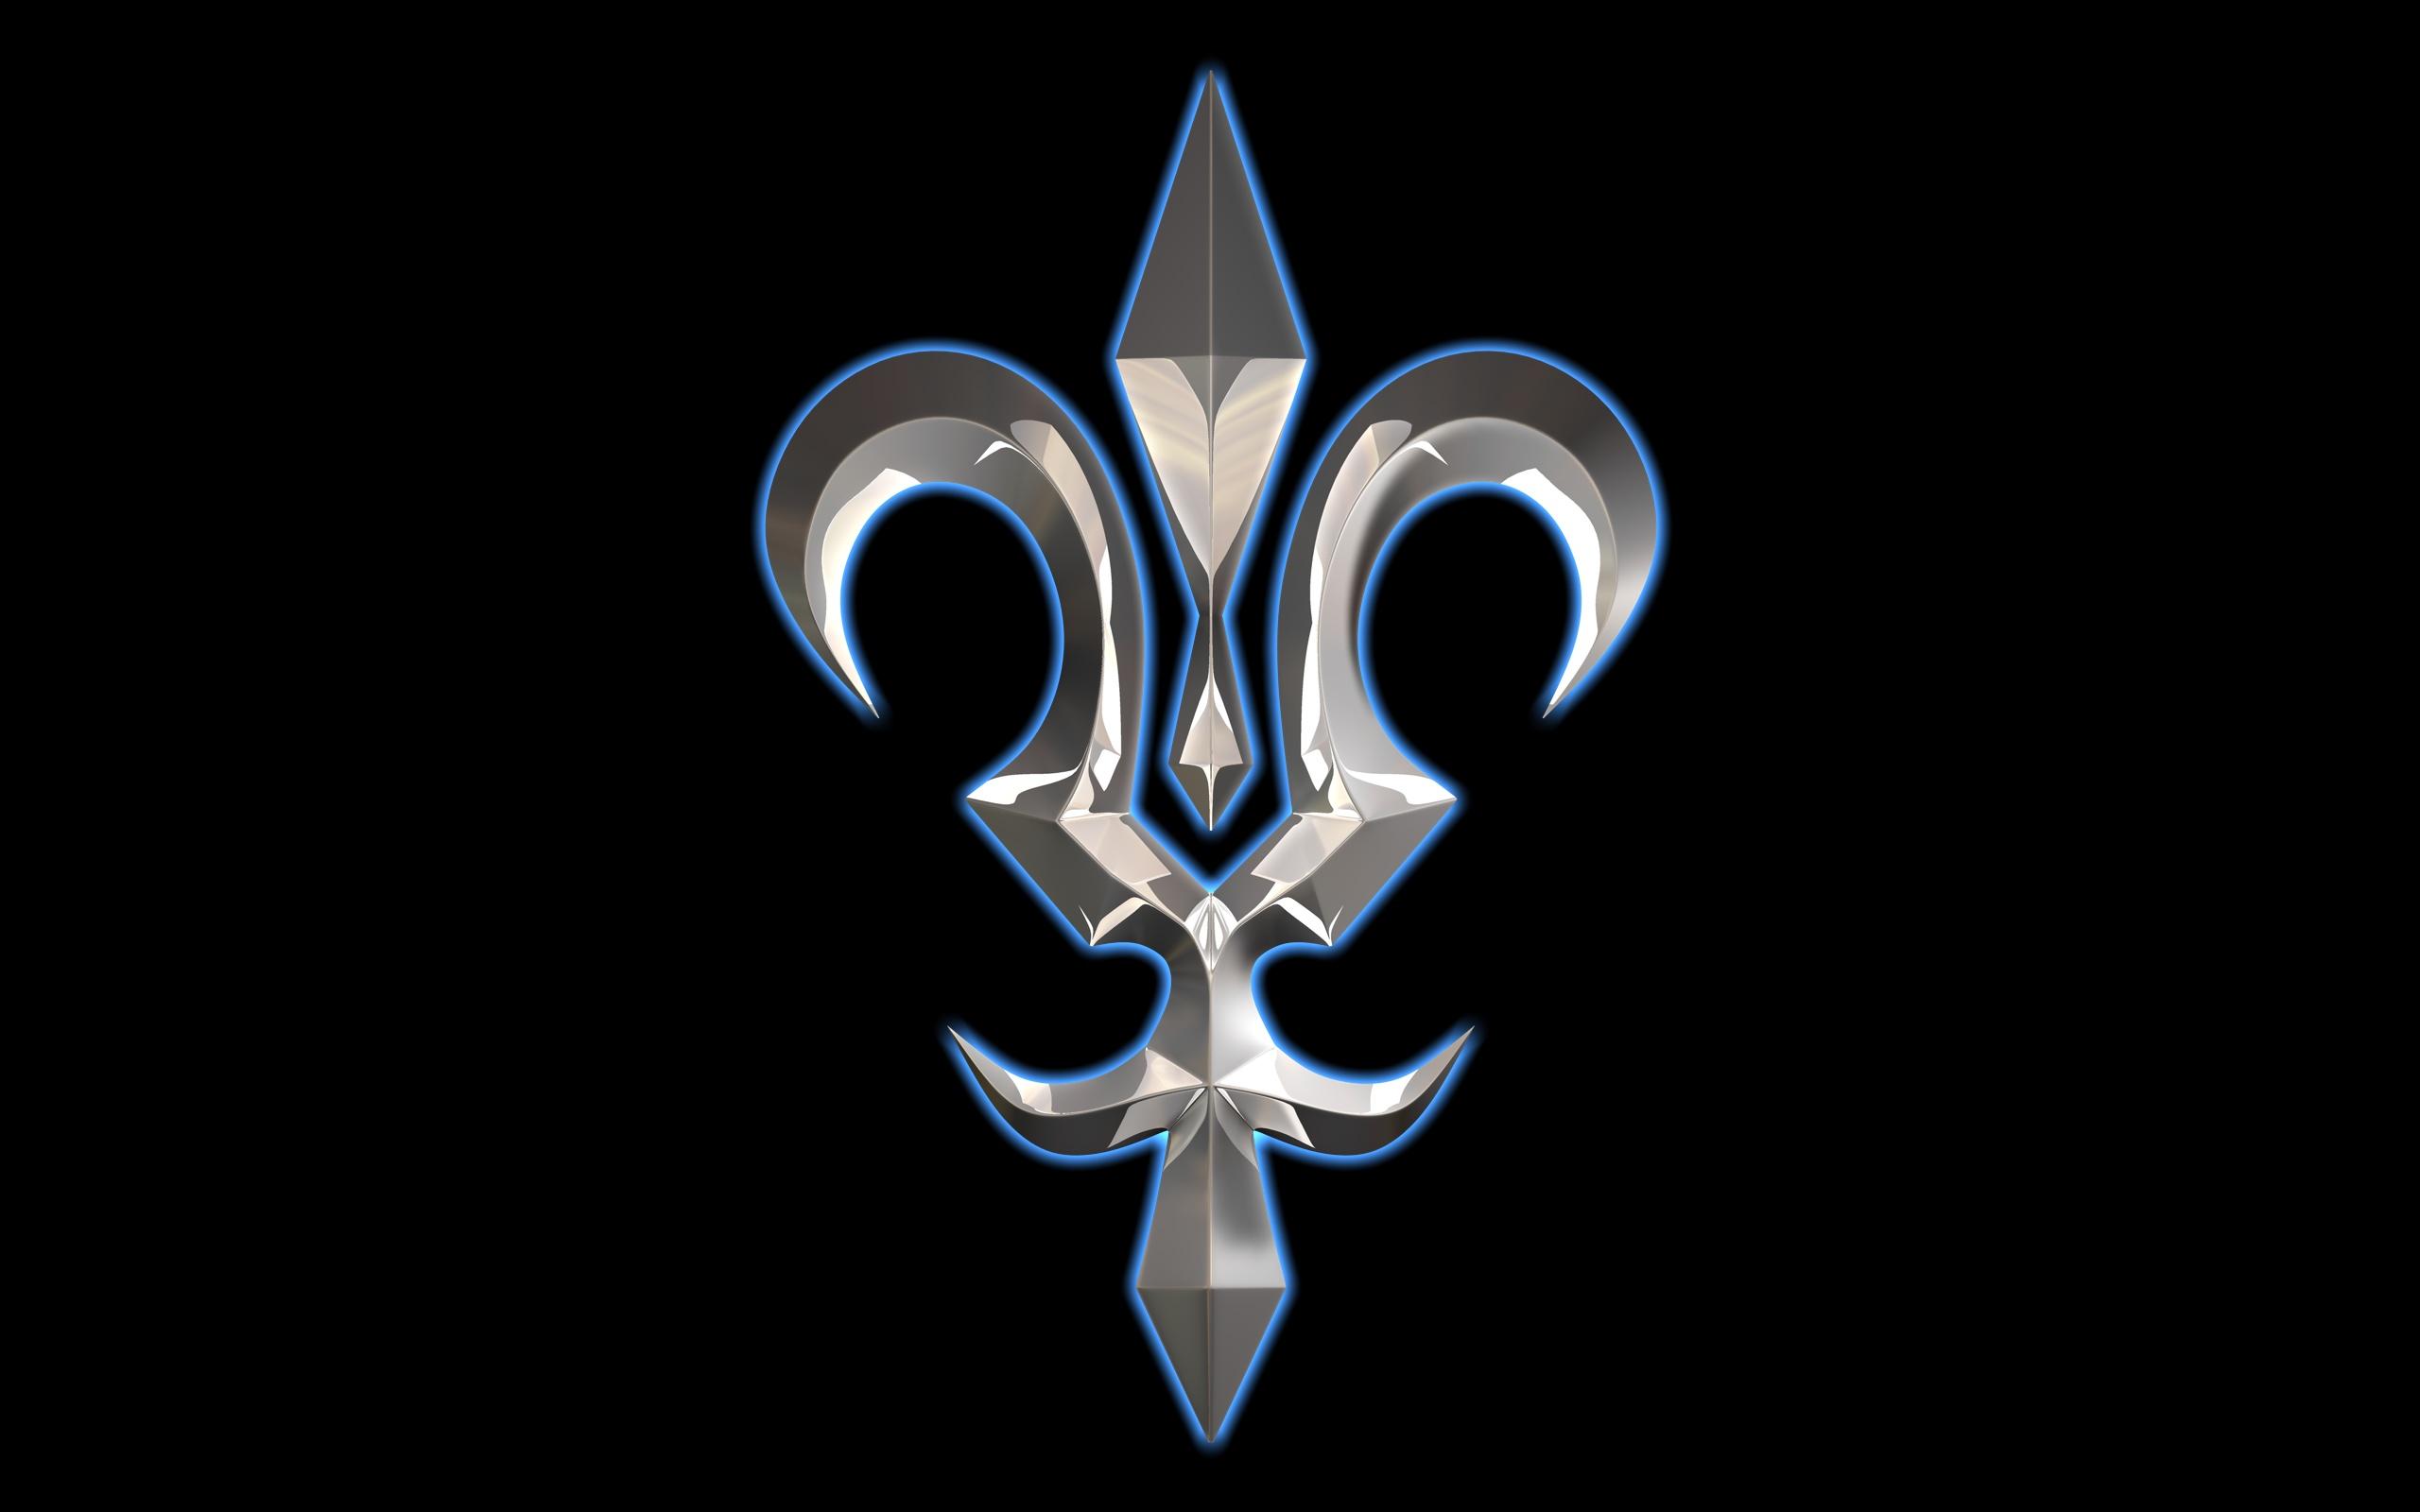 Image Code Geass Brittania Logo By Ennuh D3jbkshg Villains